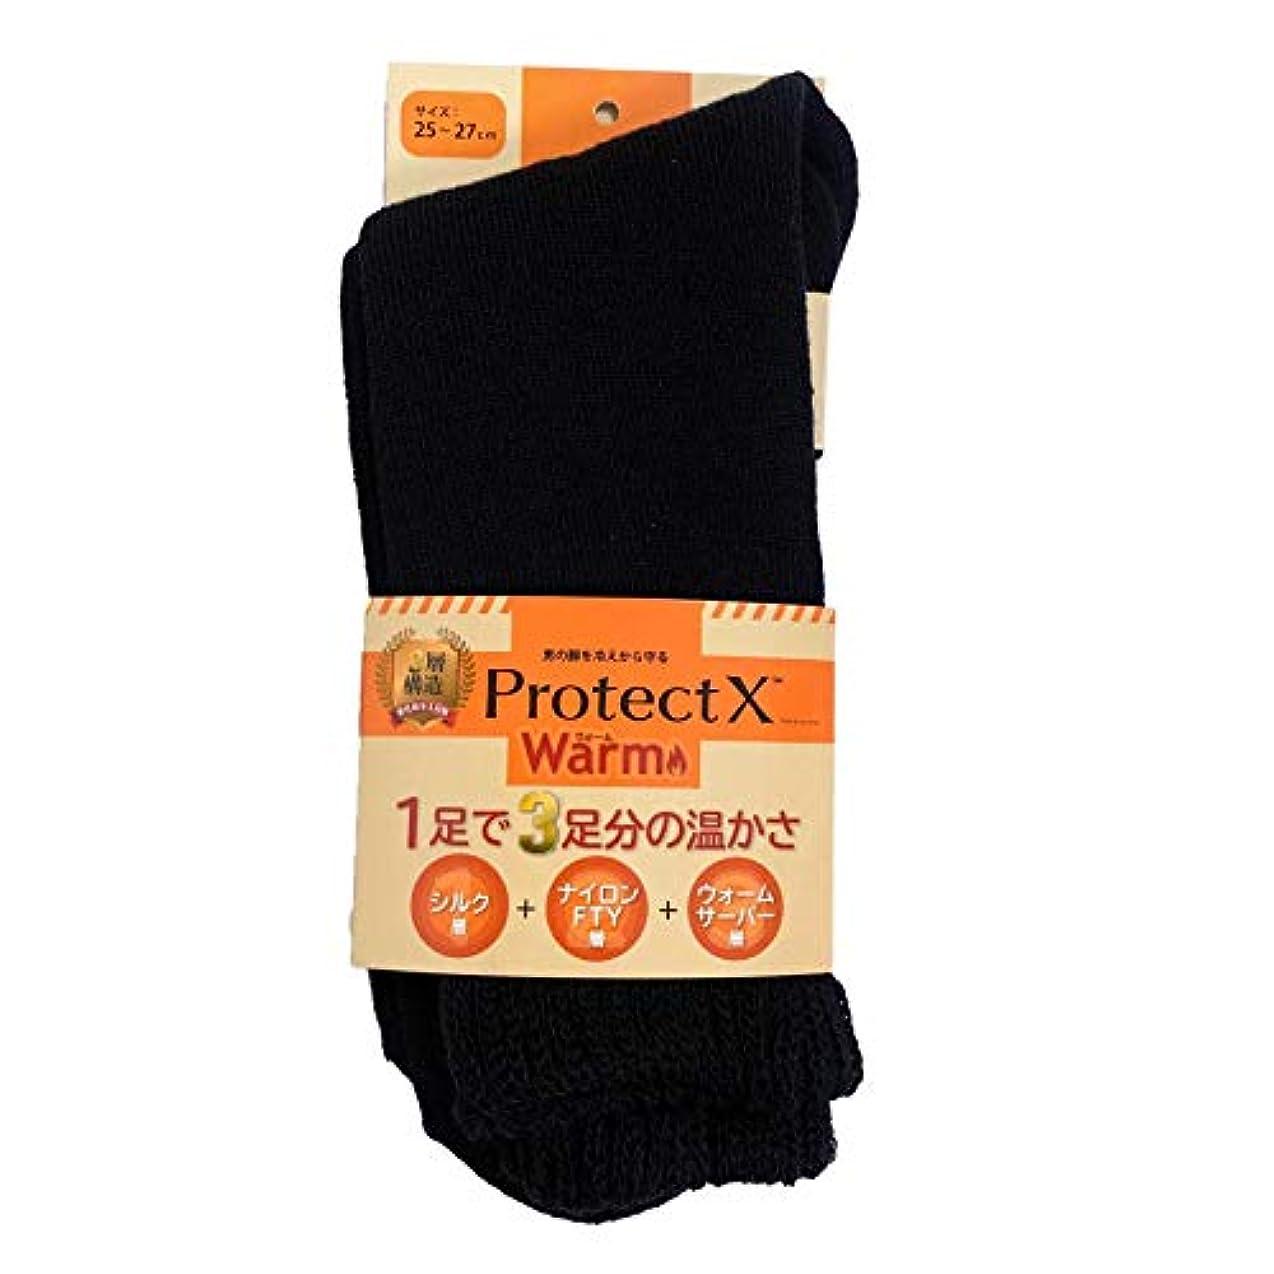 ベール普遍的なインターネット冷え性対策 履き口柔らか 男性用冷え対策 シルク100%(内側) 3層構造 防寒ソックス 25-27cm ブラック